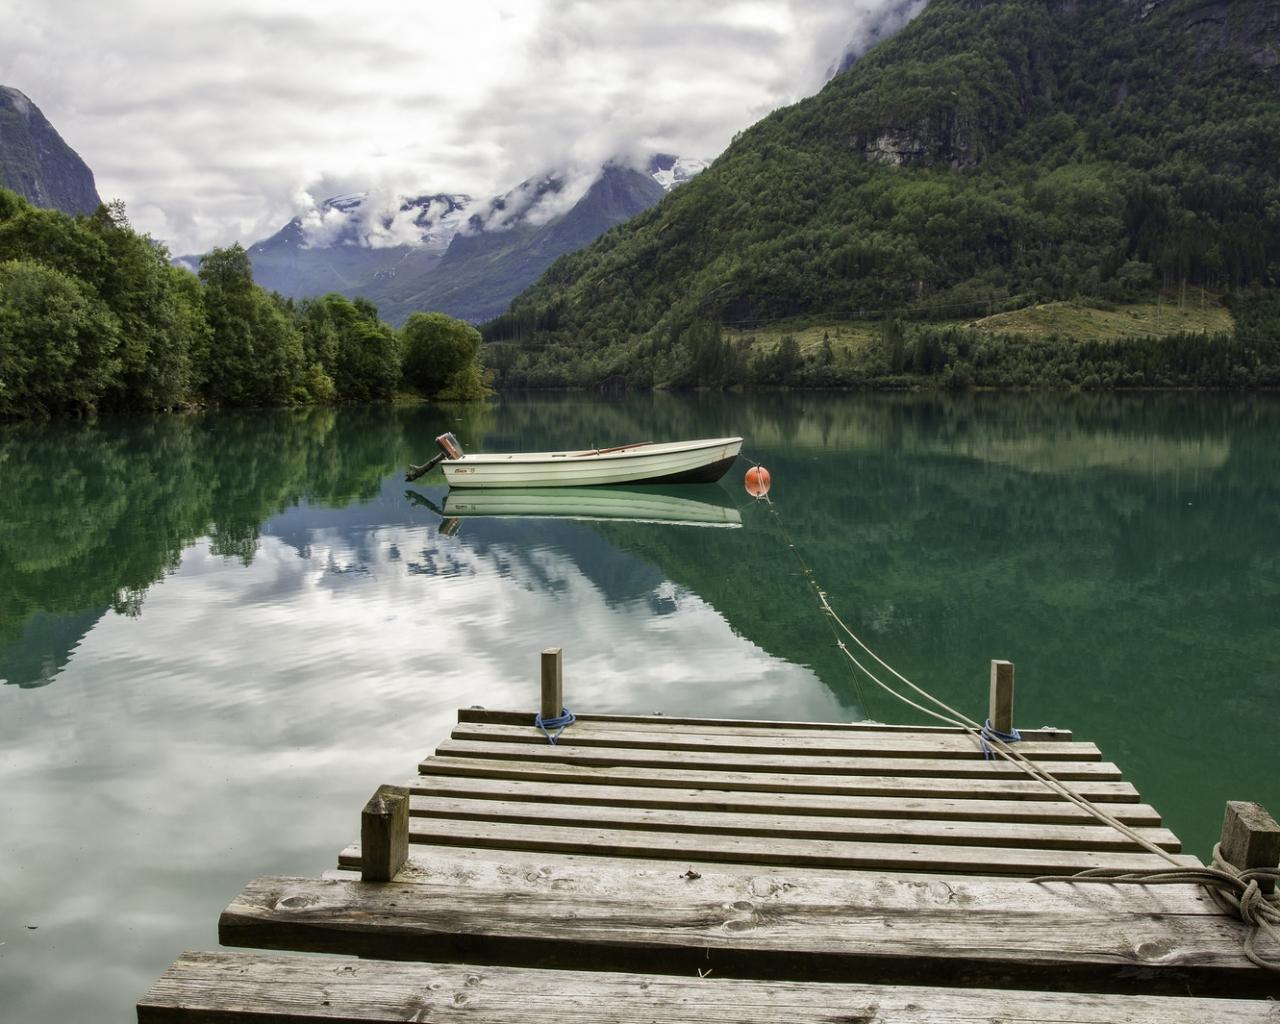 Un lago verde y un bote - 1280x1024